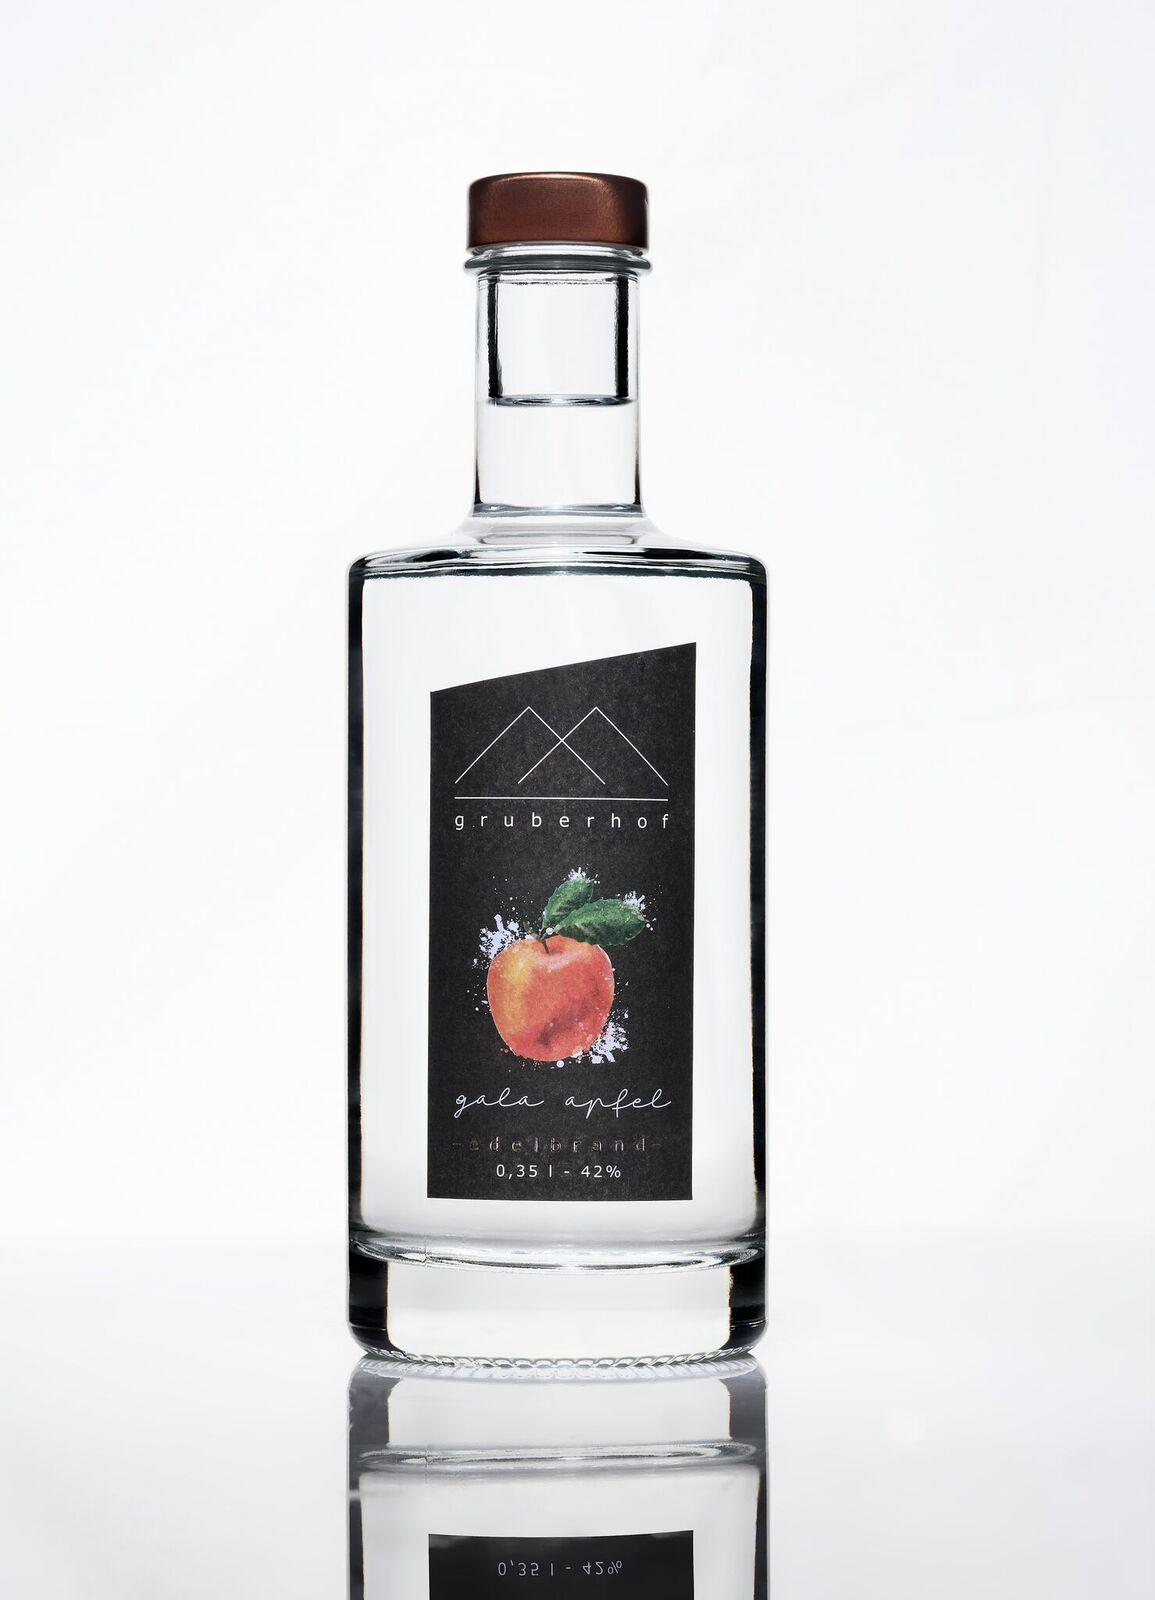 Gala Apfel